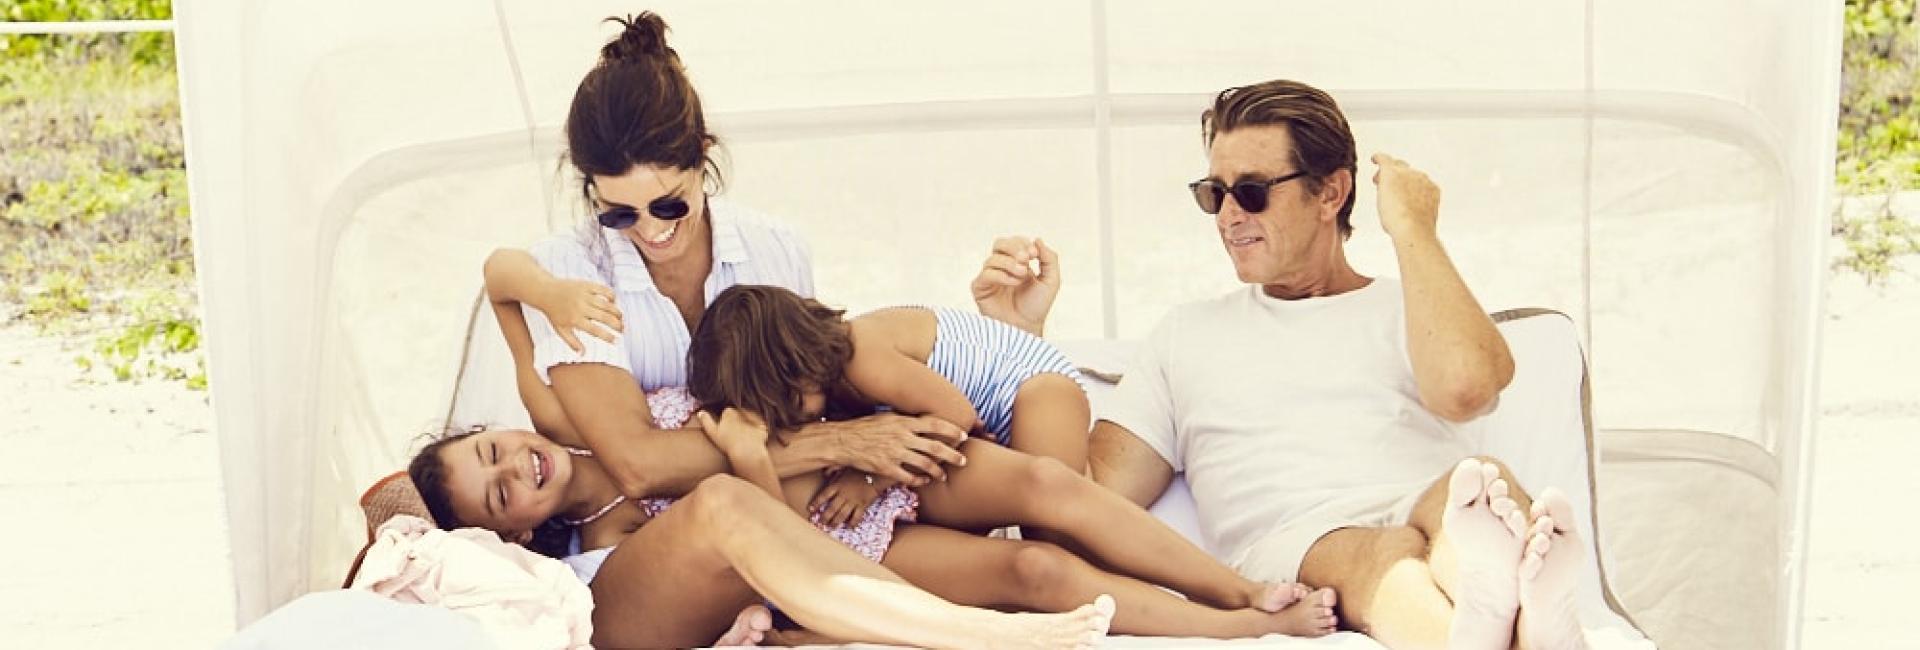 Family Cabana